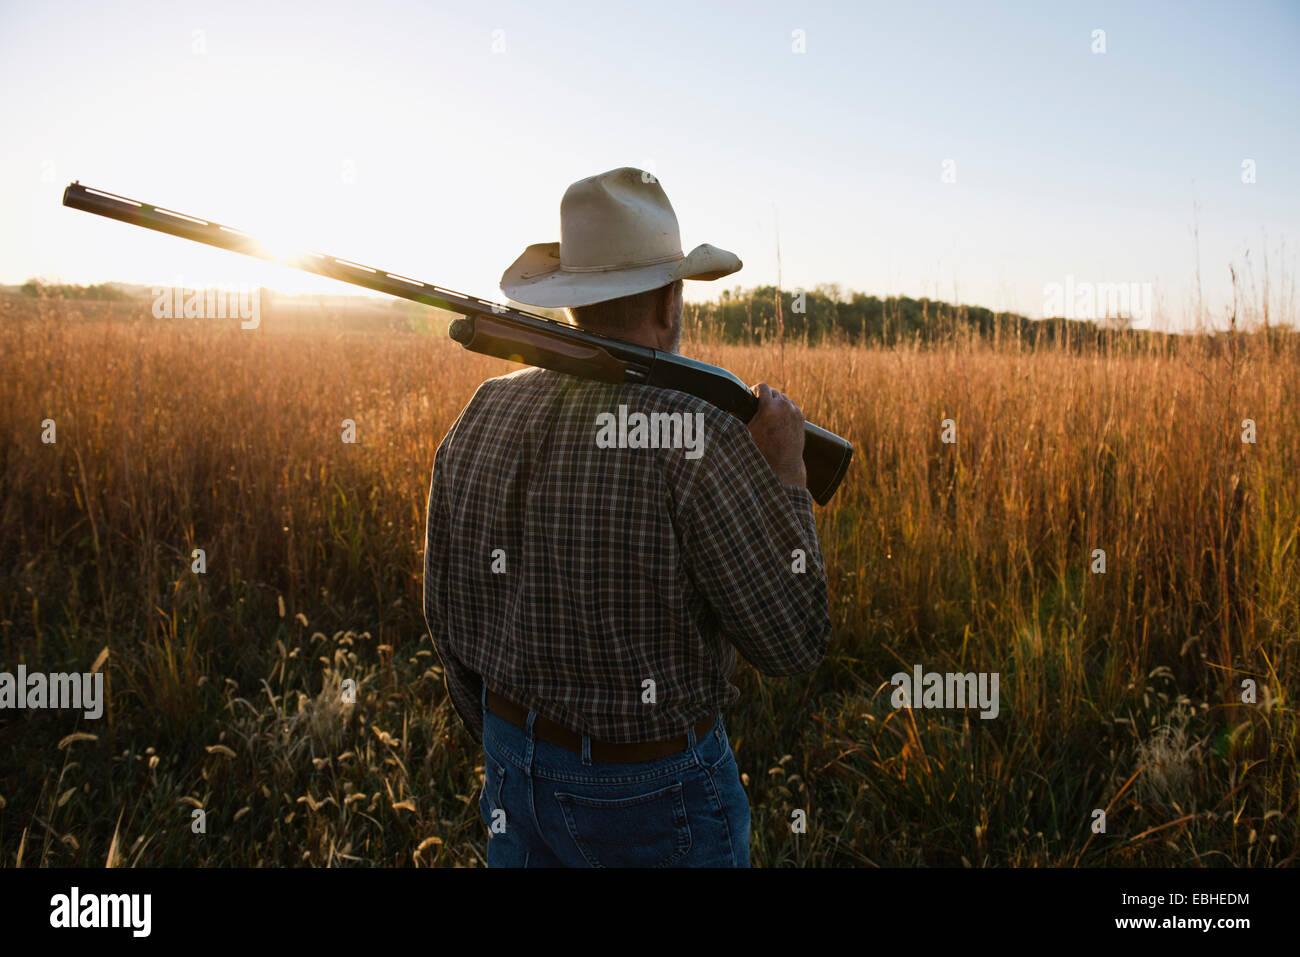 Maschio anziano contadino con un fucile sulla spalla in campo remoto al crepuscolo, Plattsburg, Missouri, Stati Immagini Stock